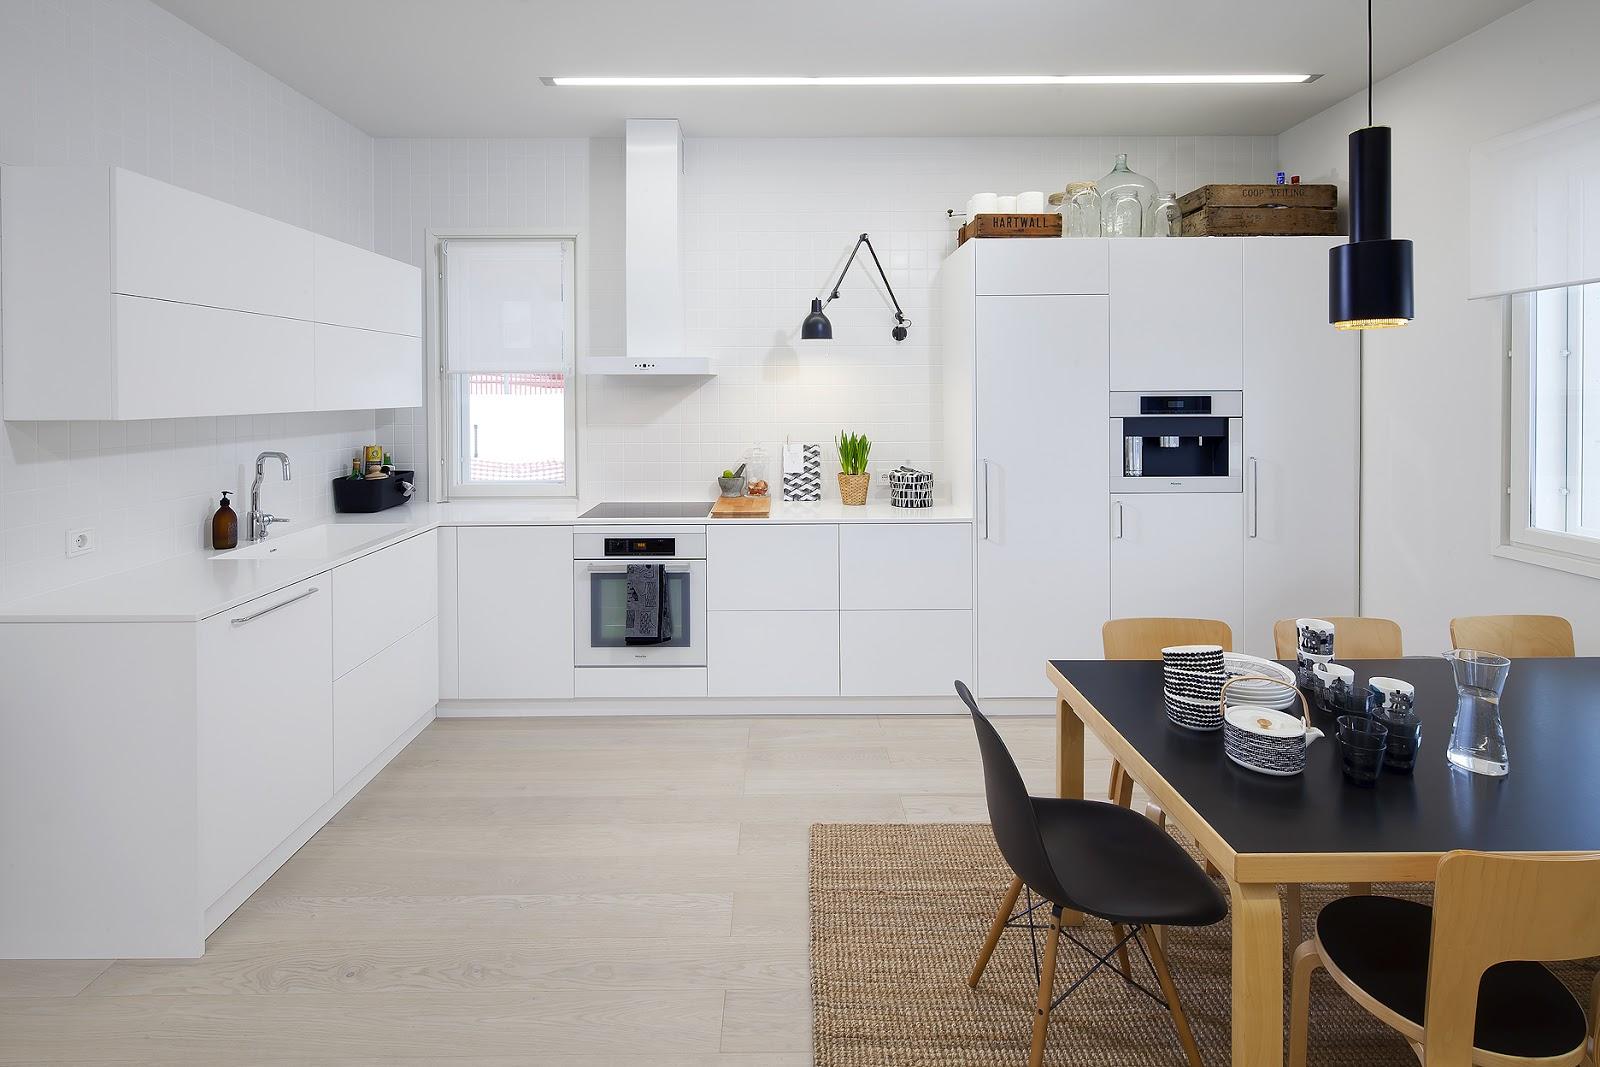 moderni puutalo Nopea katsaus keittiöön